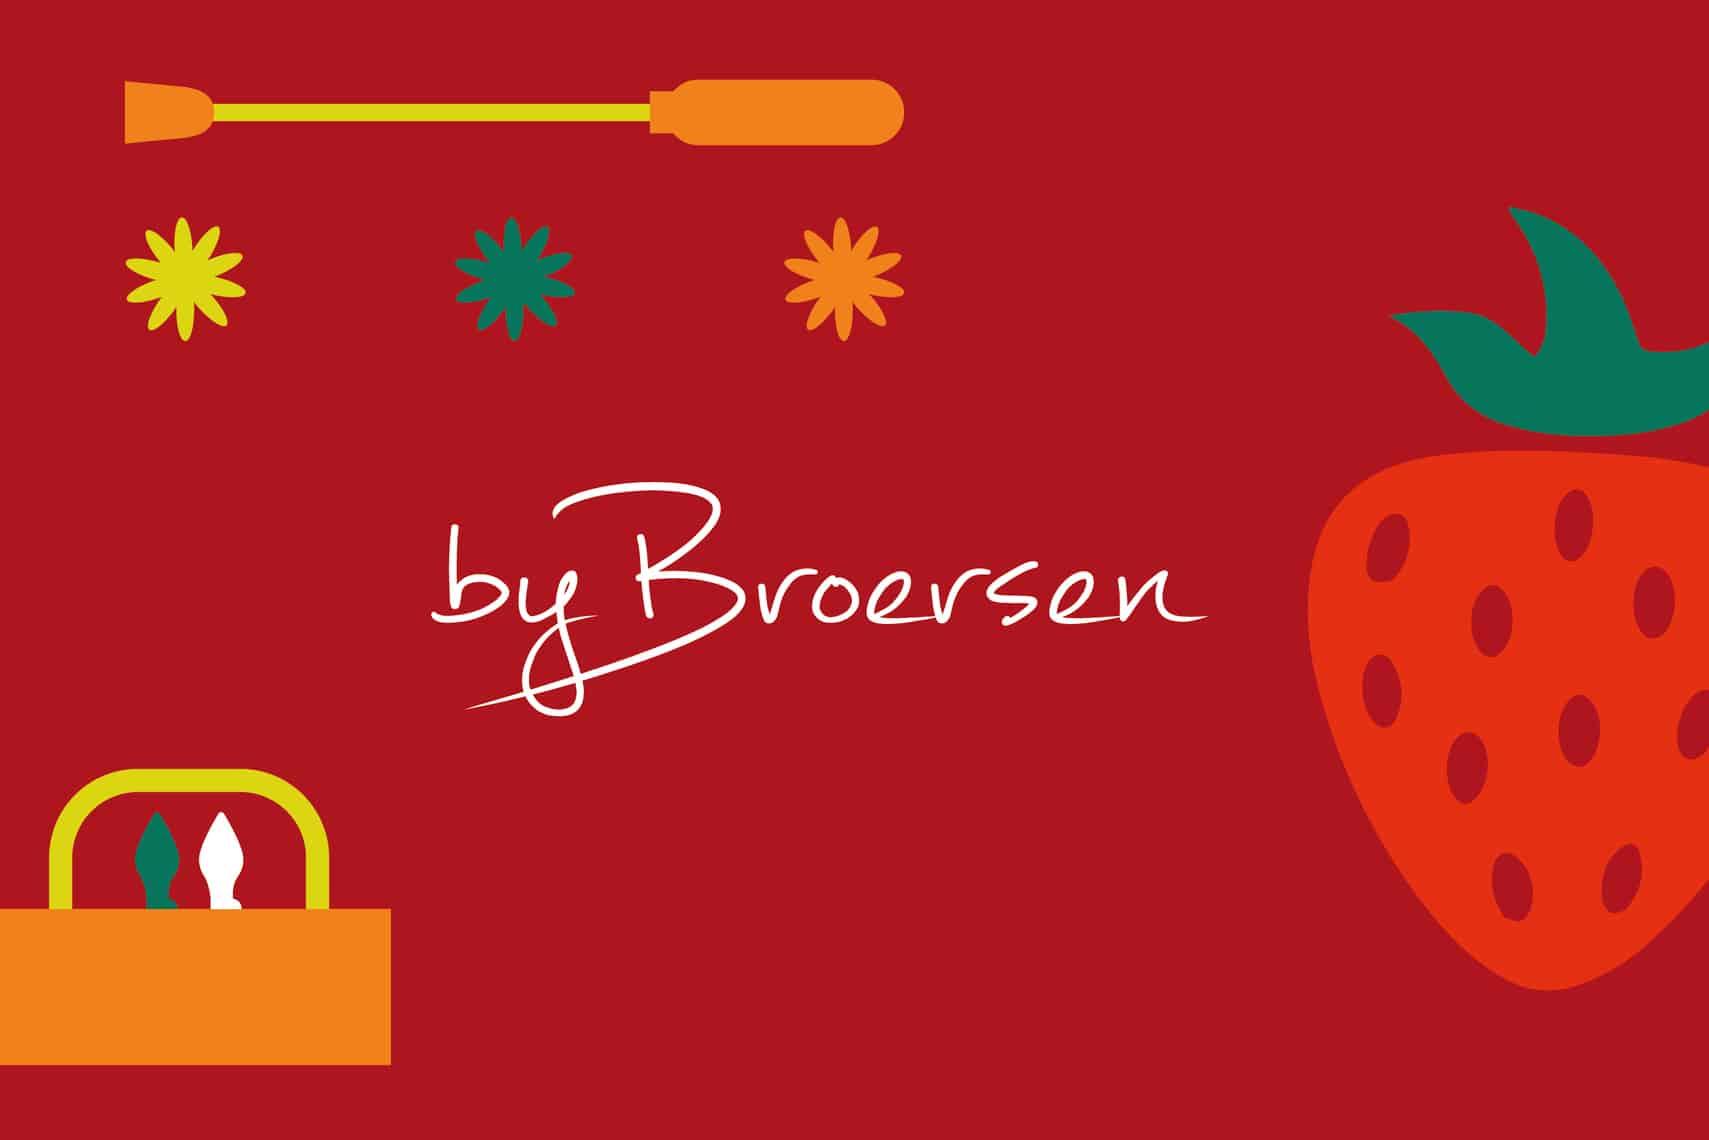 seo schagen by broersen website